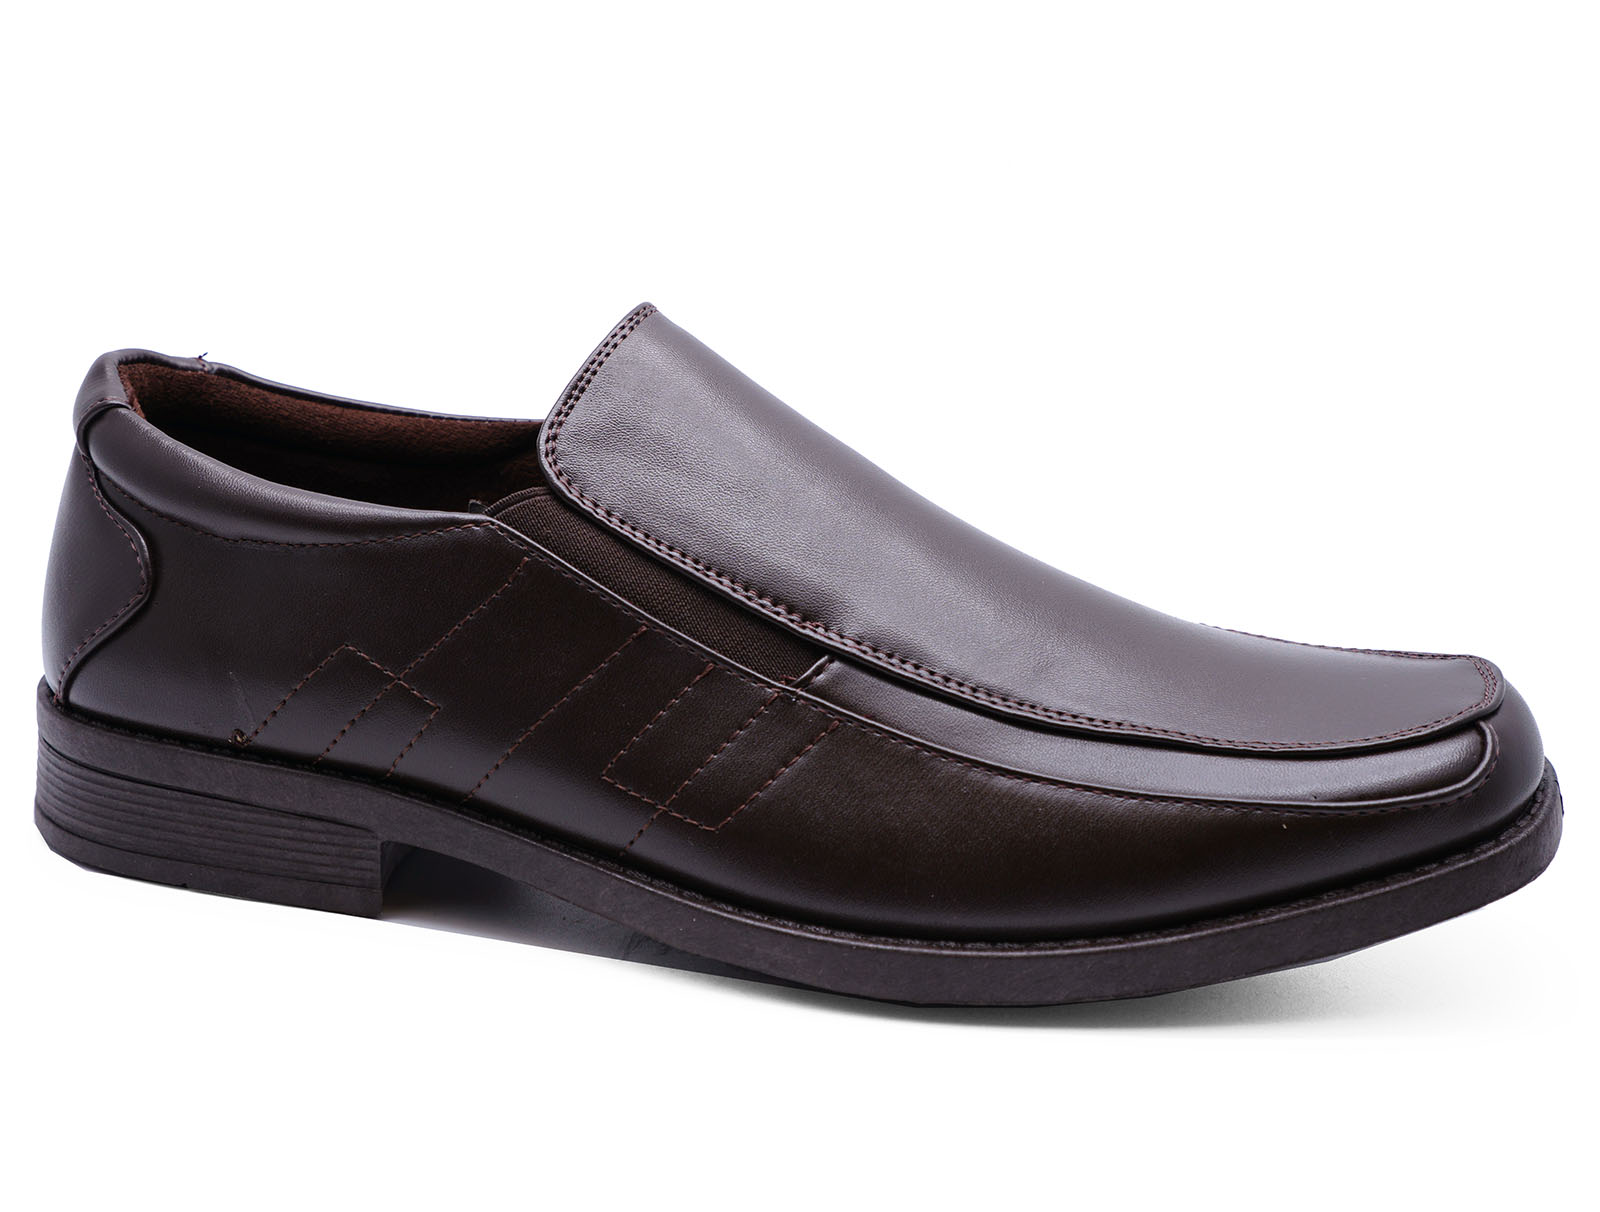 confortables élégantes tailles homme mariage pour 12 talons aiguilles Chaussures brun 7 à et wvxWSt0qX